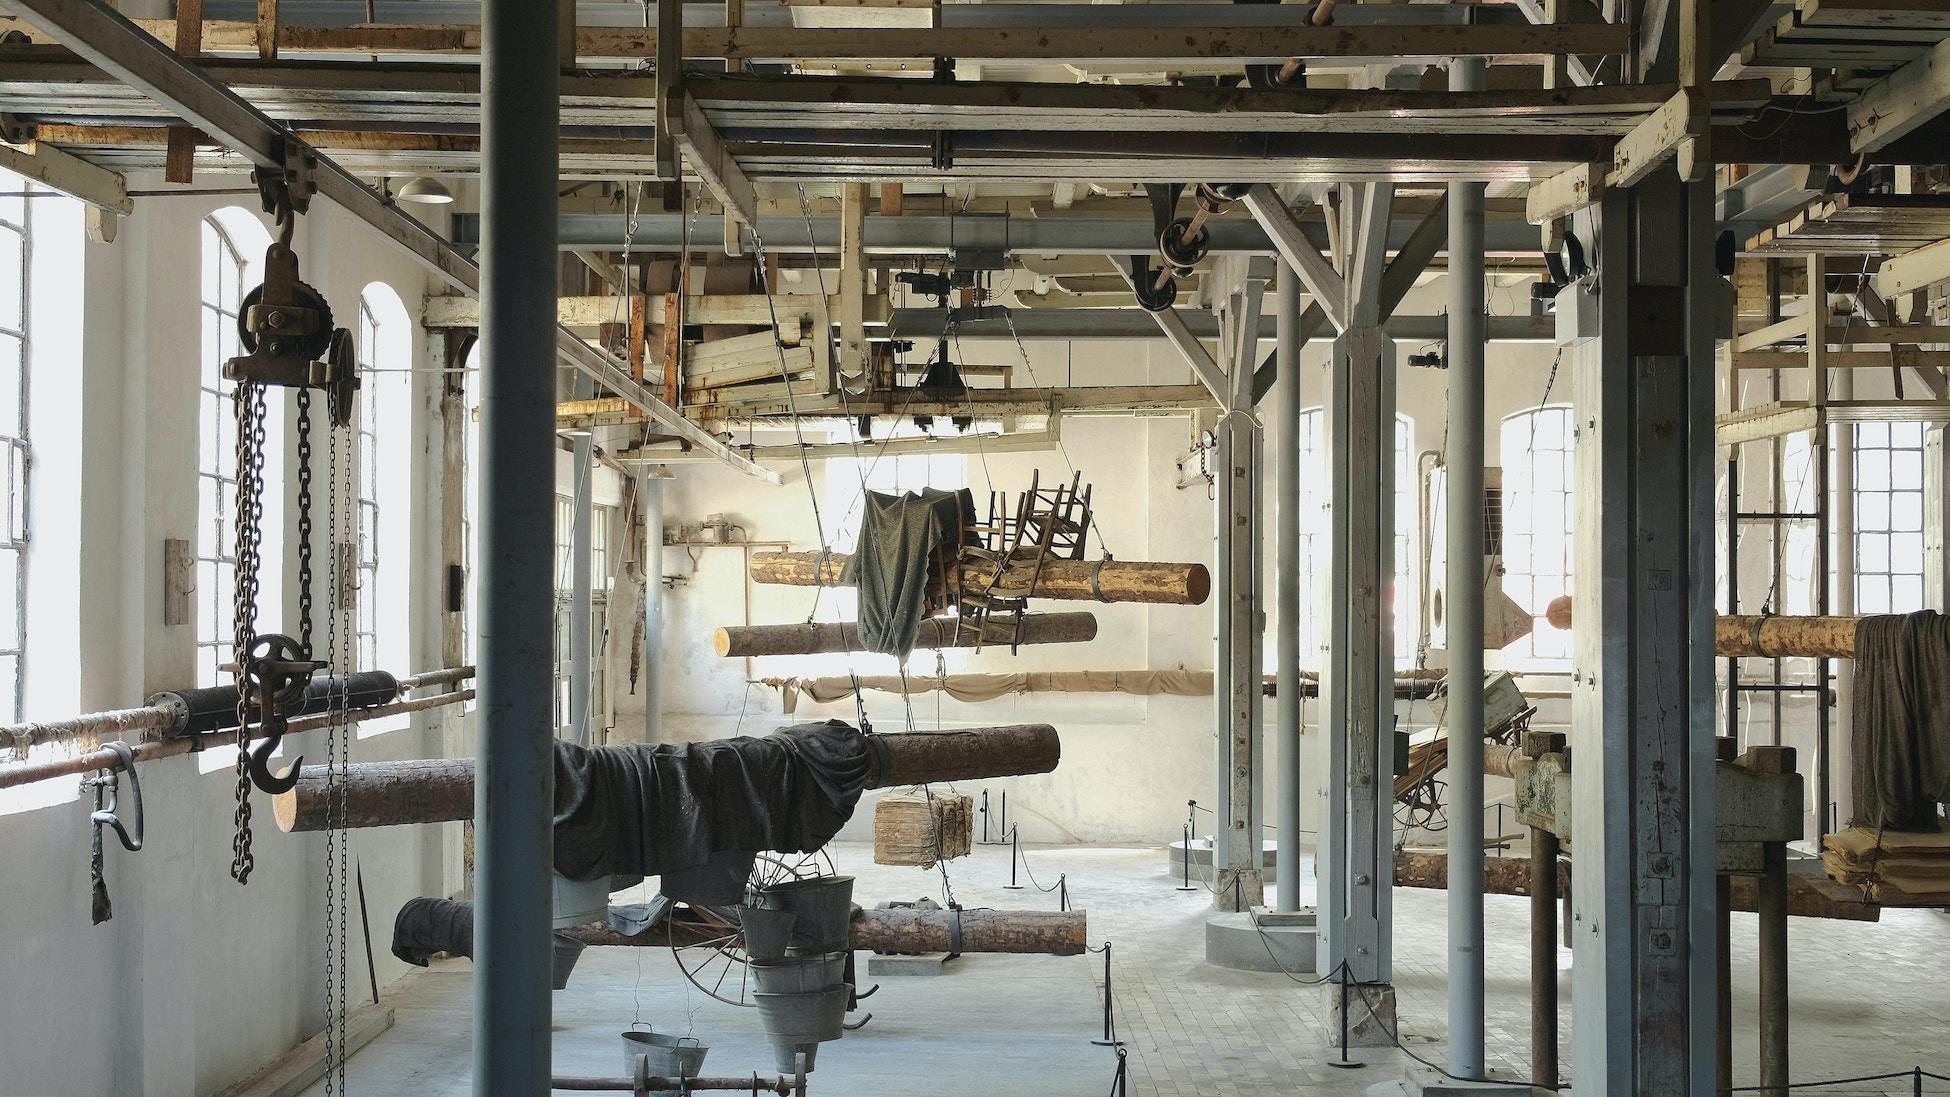 Bildet viser et gammelt fabrikkloakle som i dag er omgjort til et industrimuseum. Utsmykket med en installasjon som blant annet består av tømmerstokker og stoler.